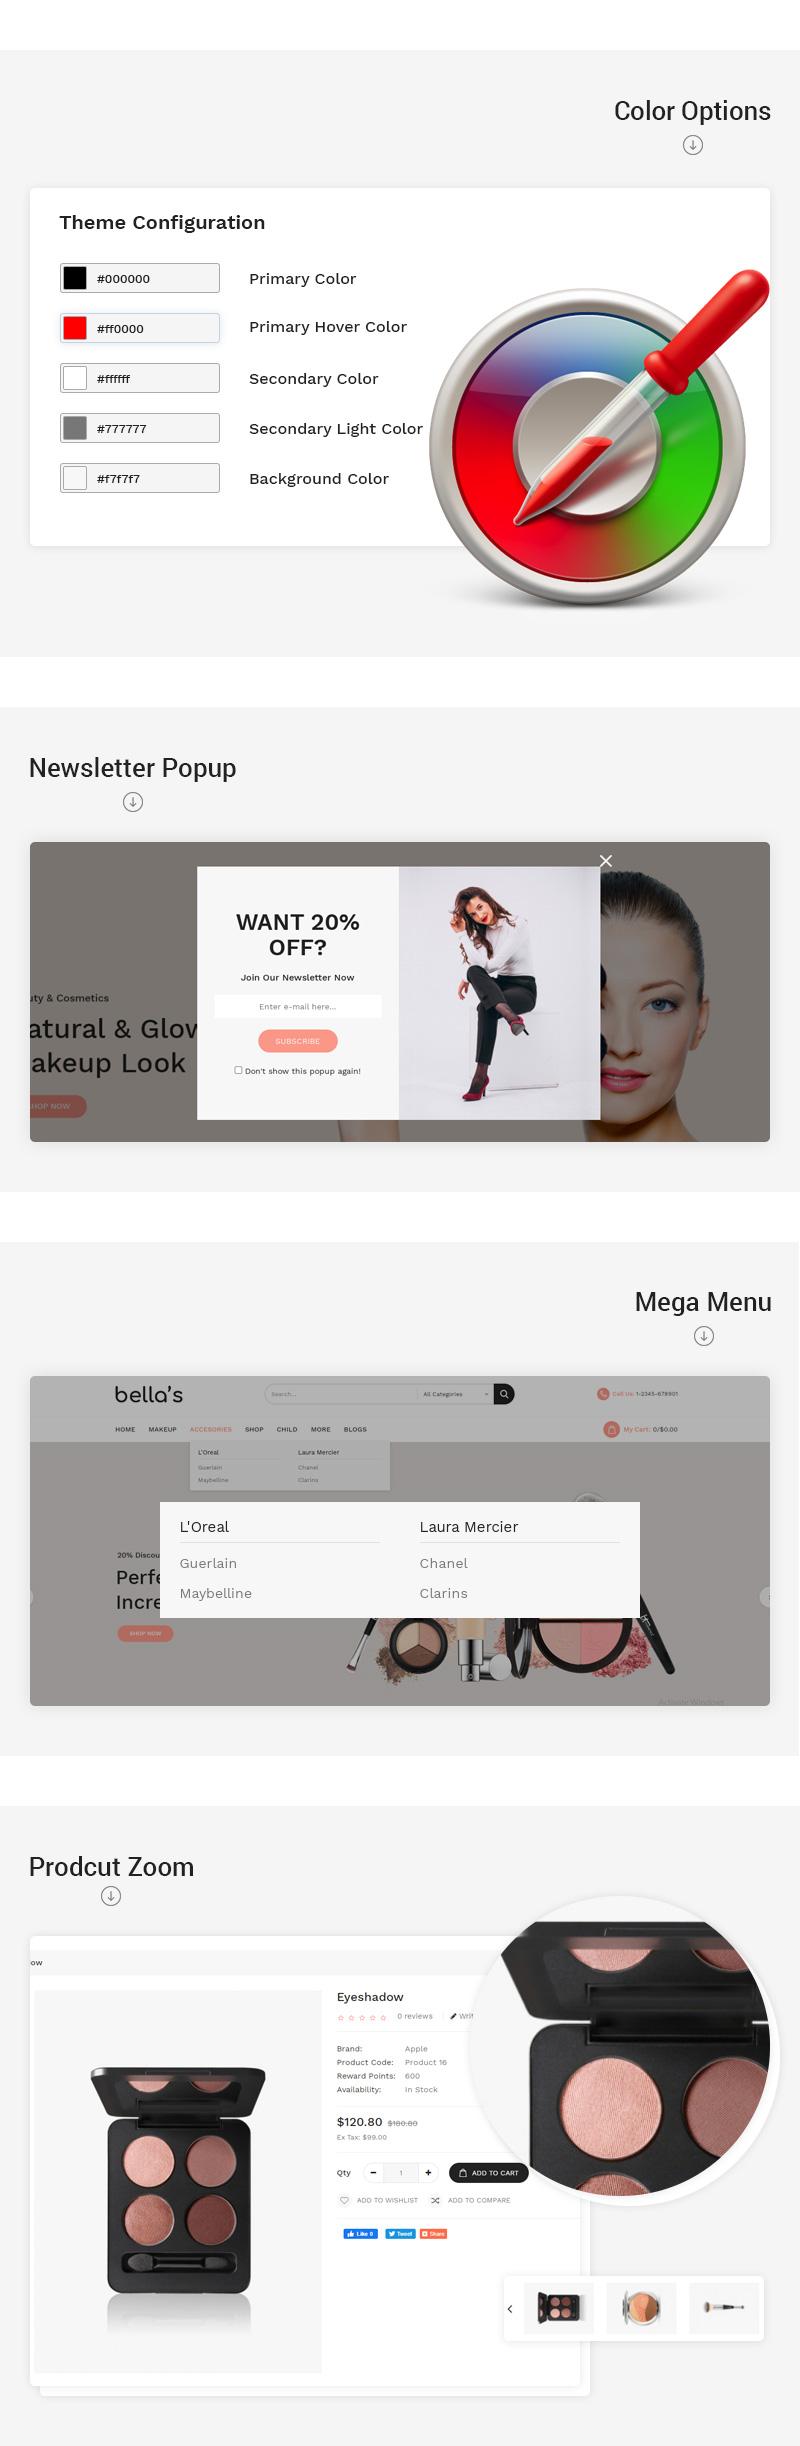 bellas-features-3.jpg